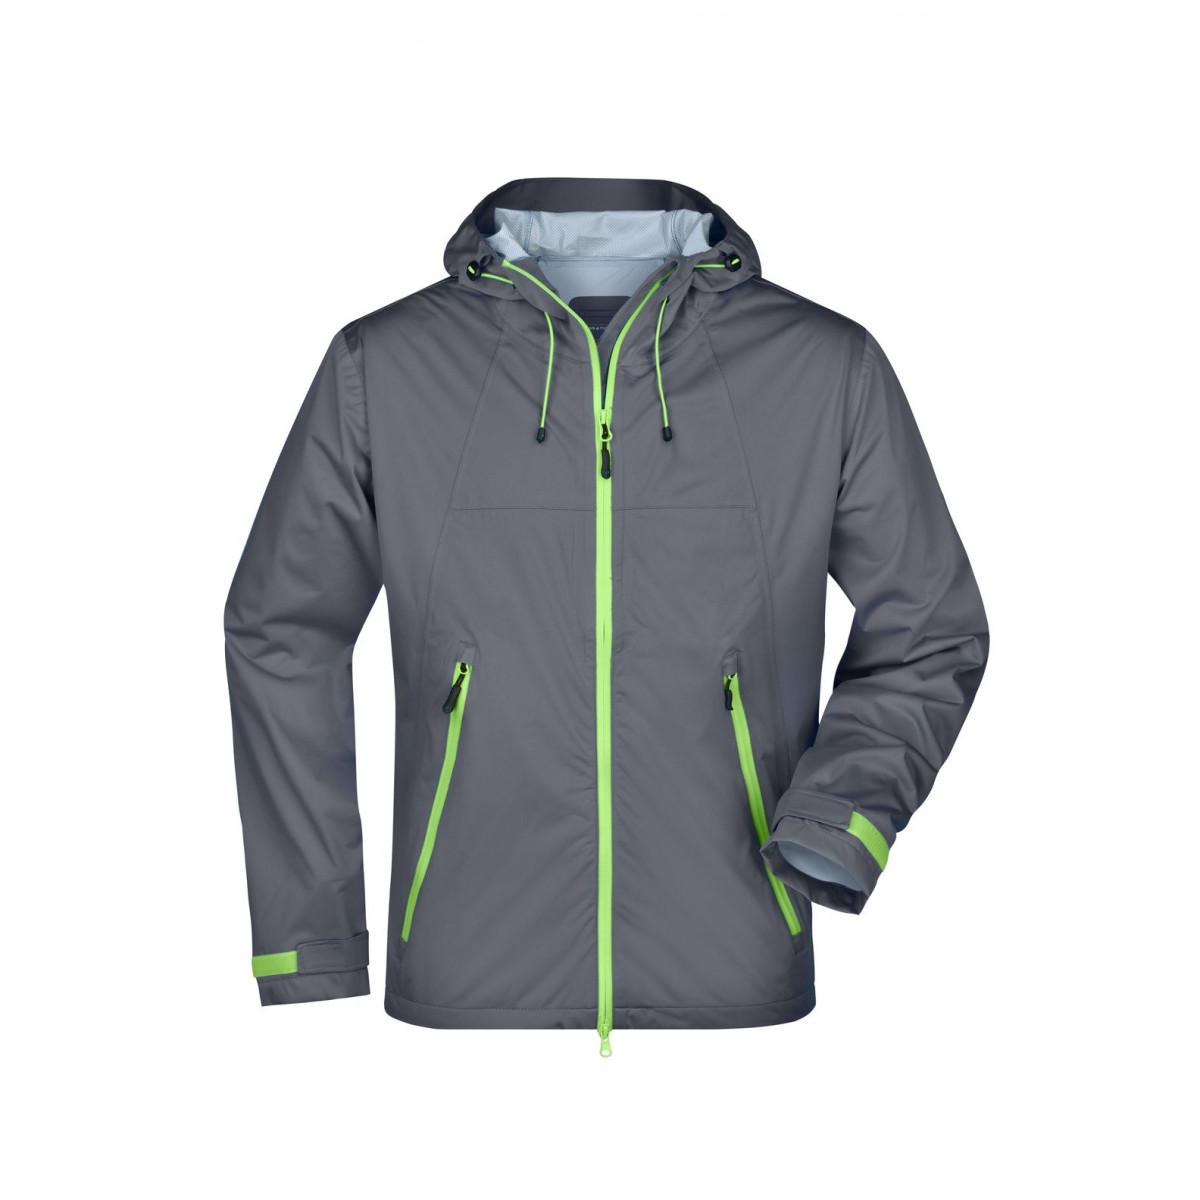 Куртка мужская JN1098 Mens Outdoor Jacket - Стальной/Насыщенный зеленый